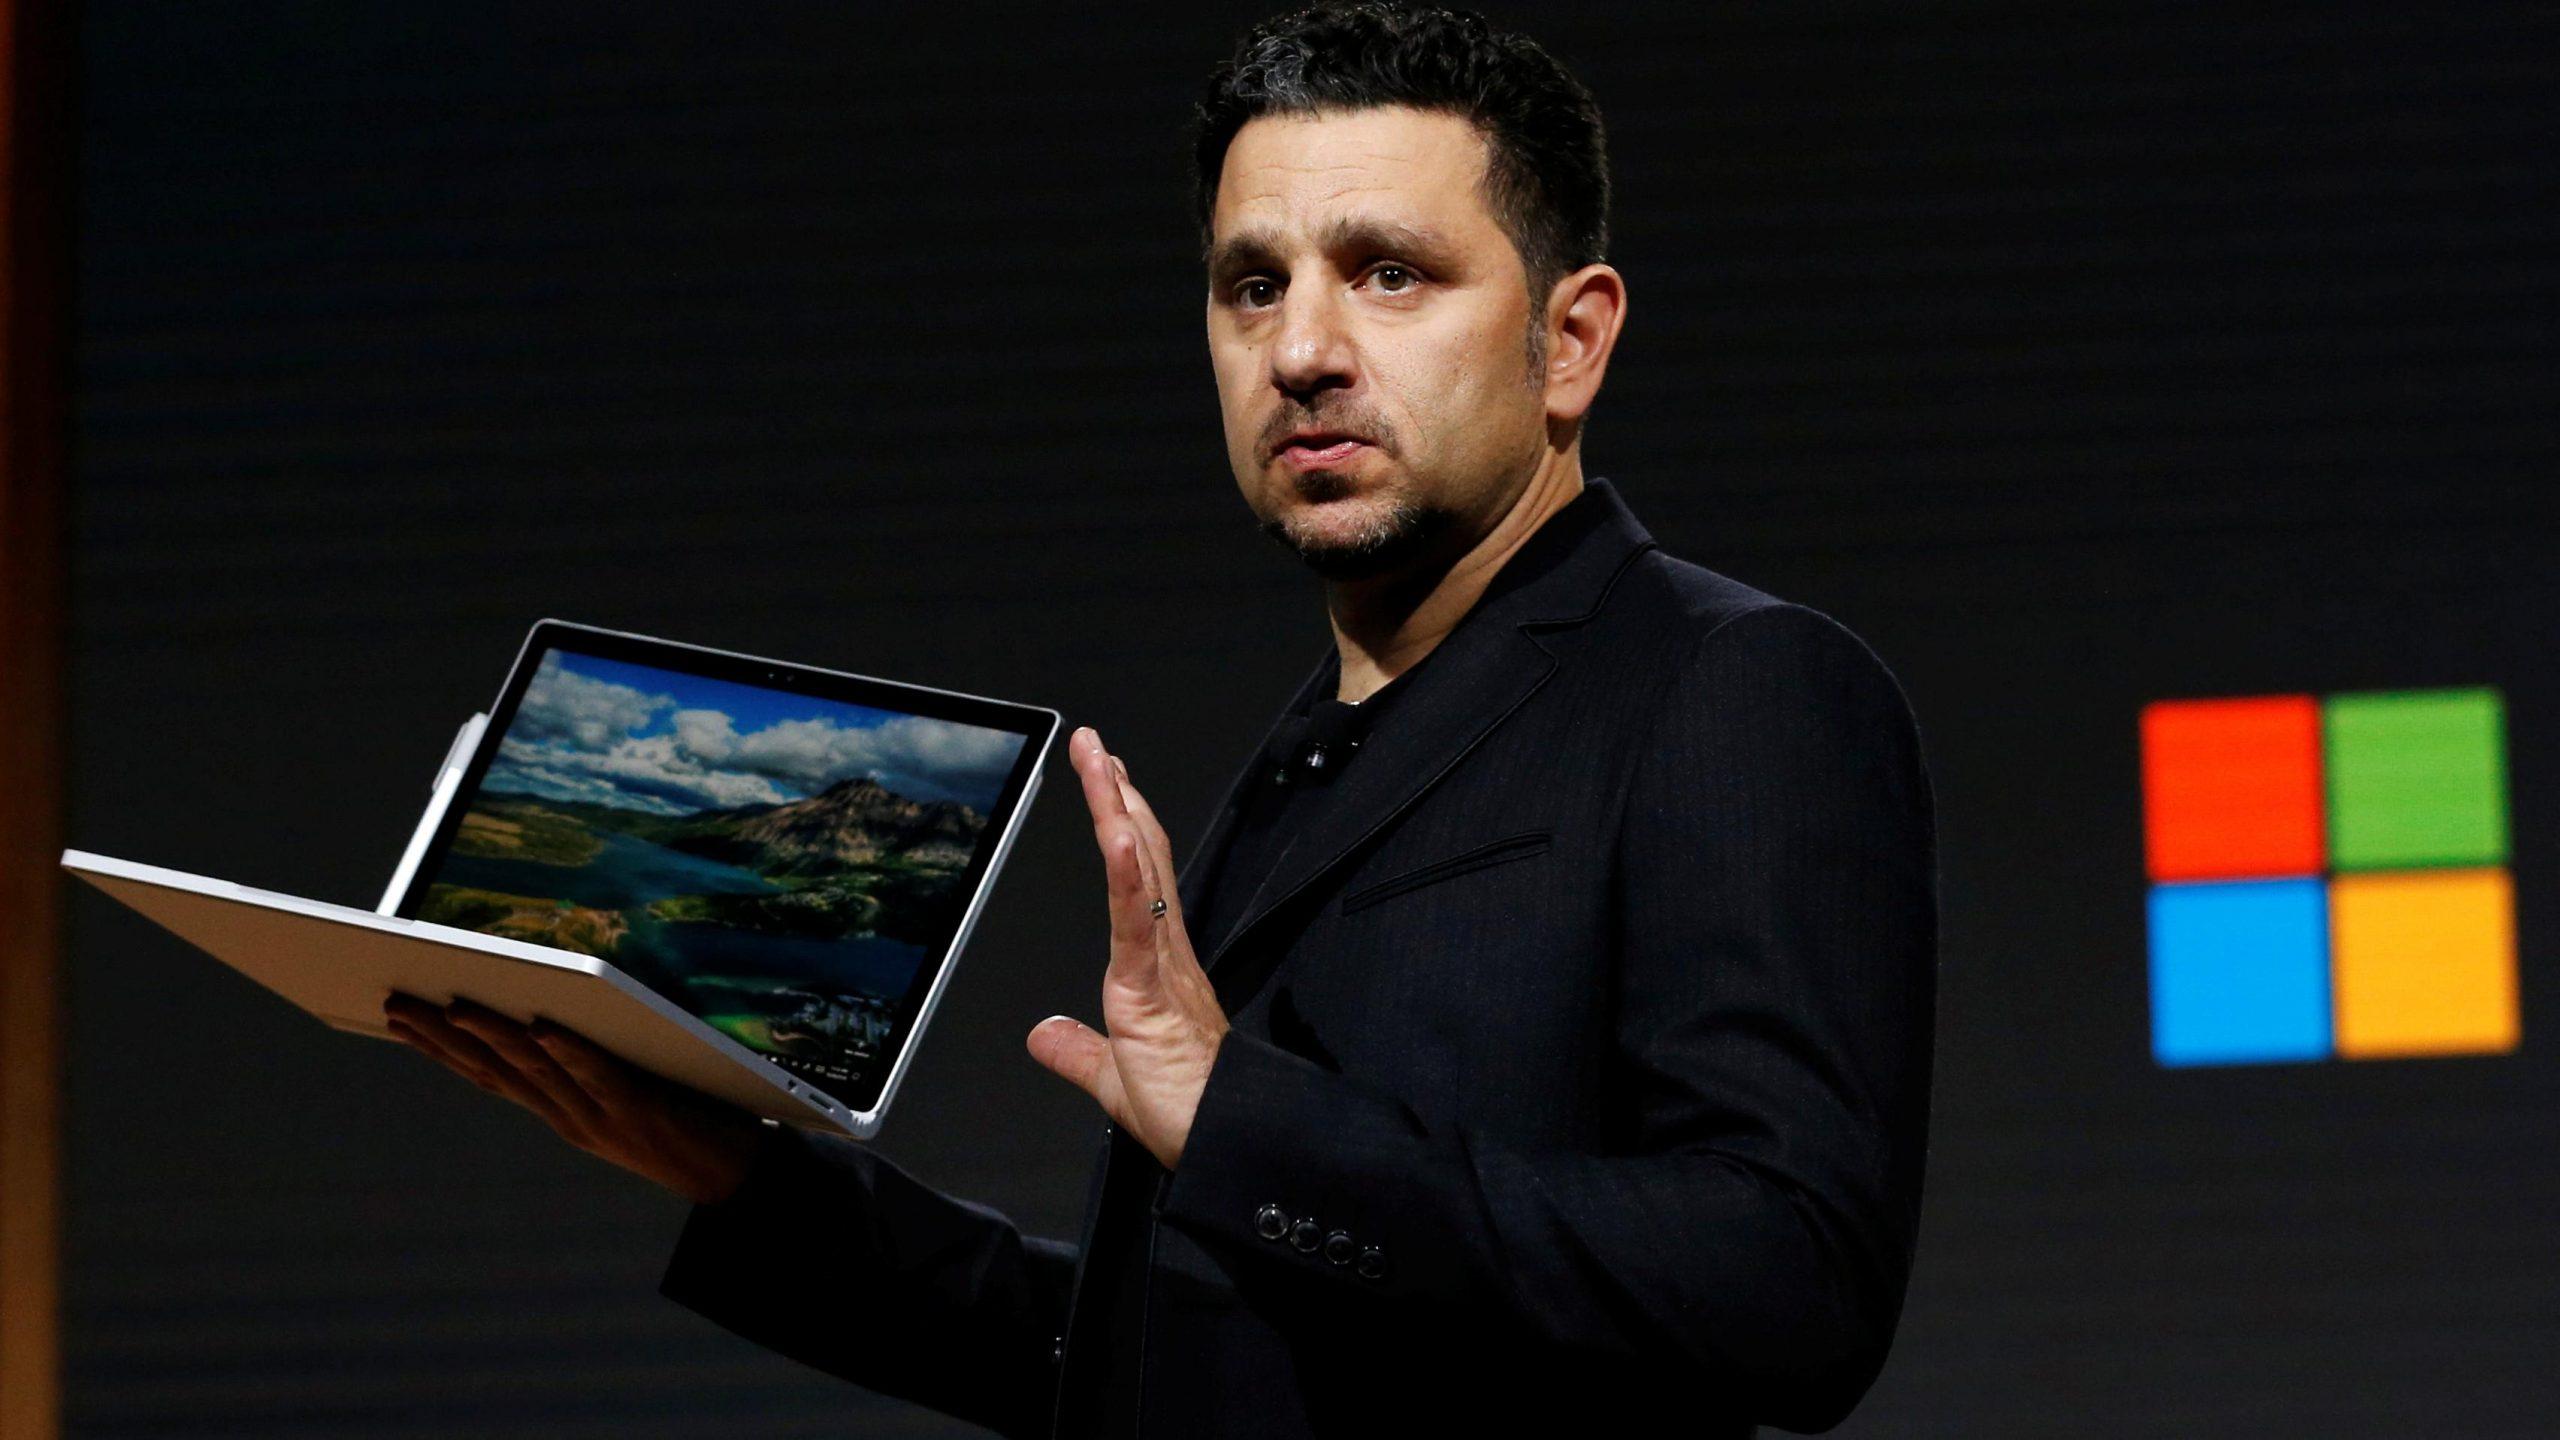 Panos Panay con Microsoft Surface